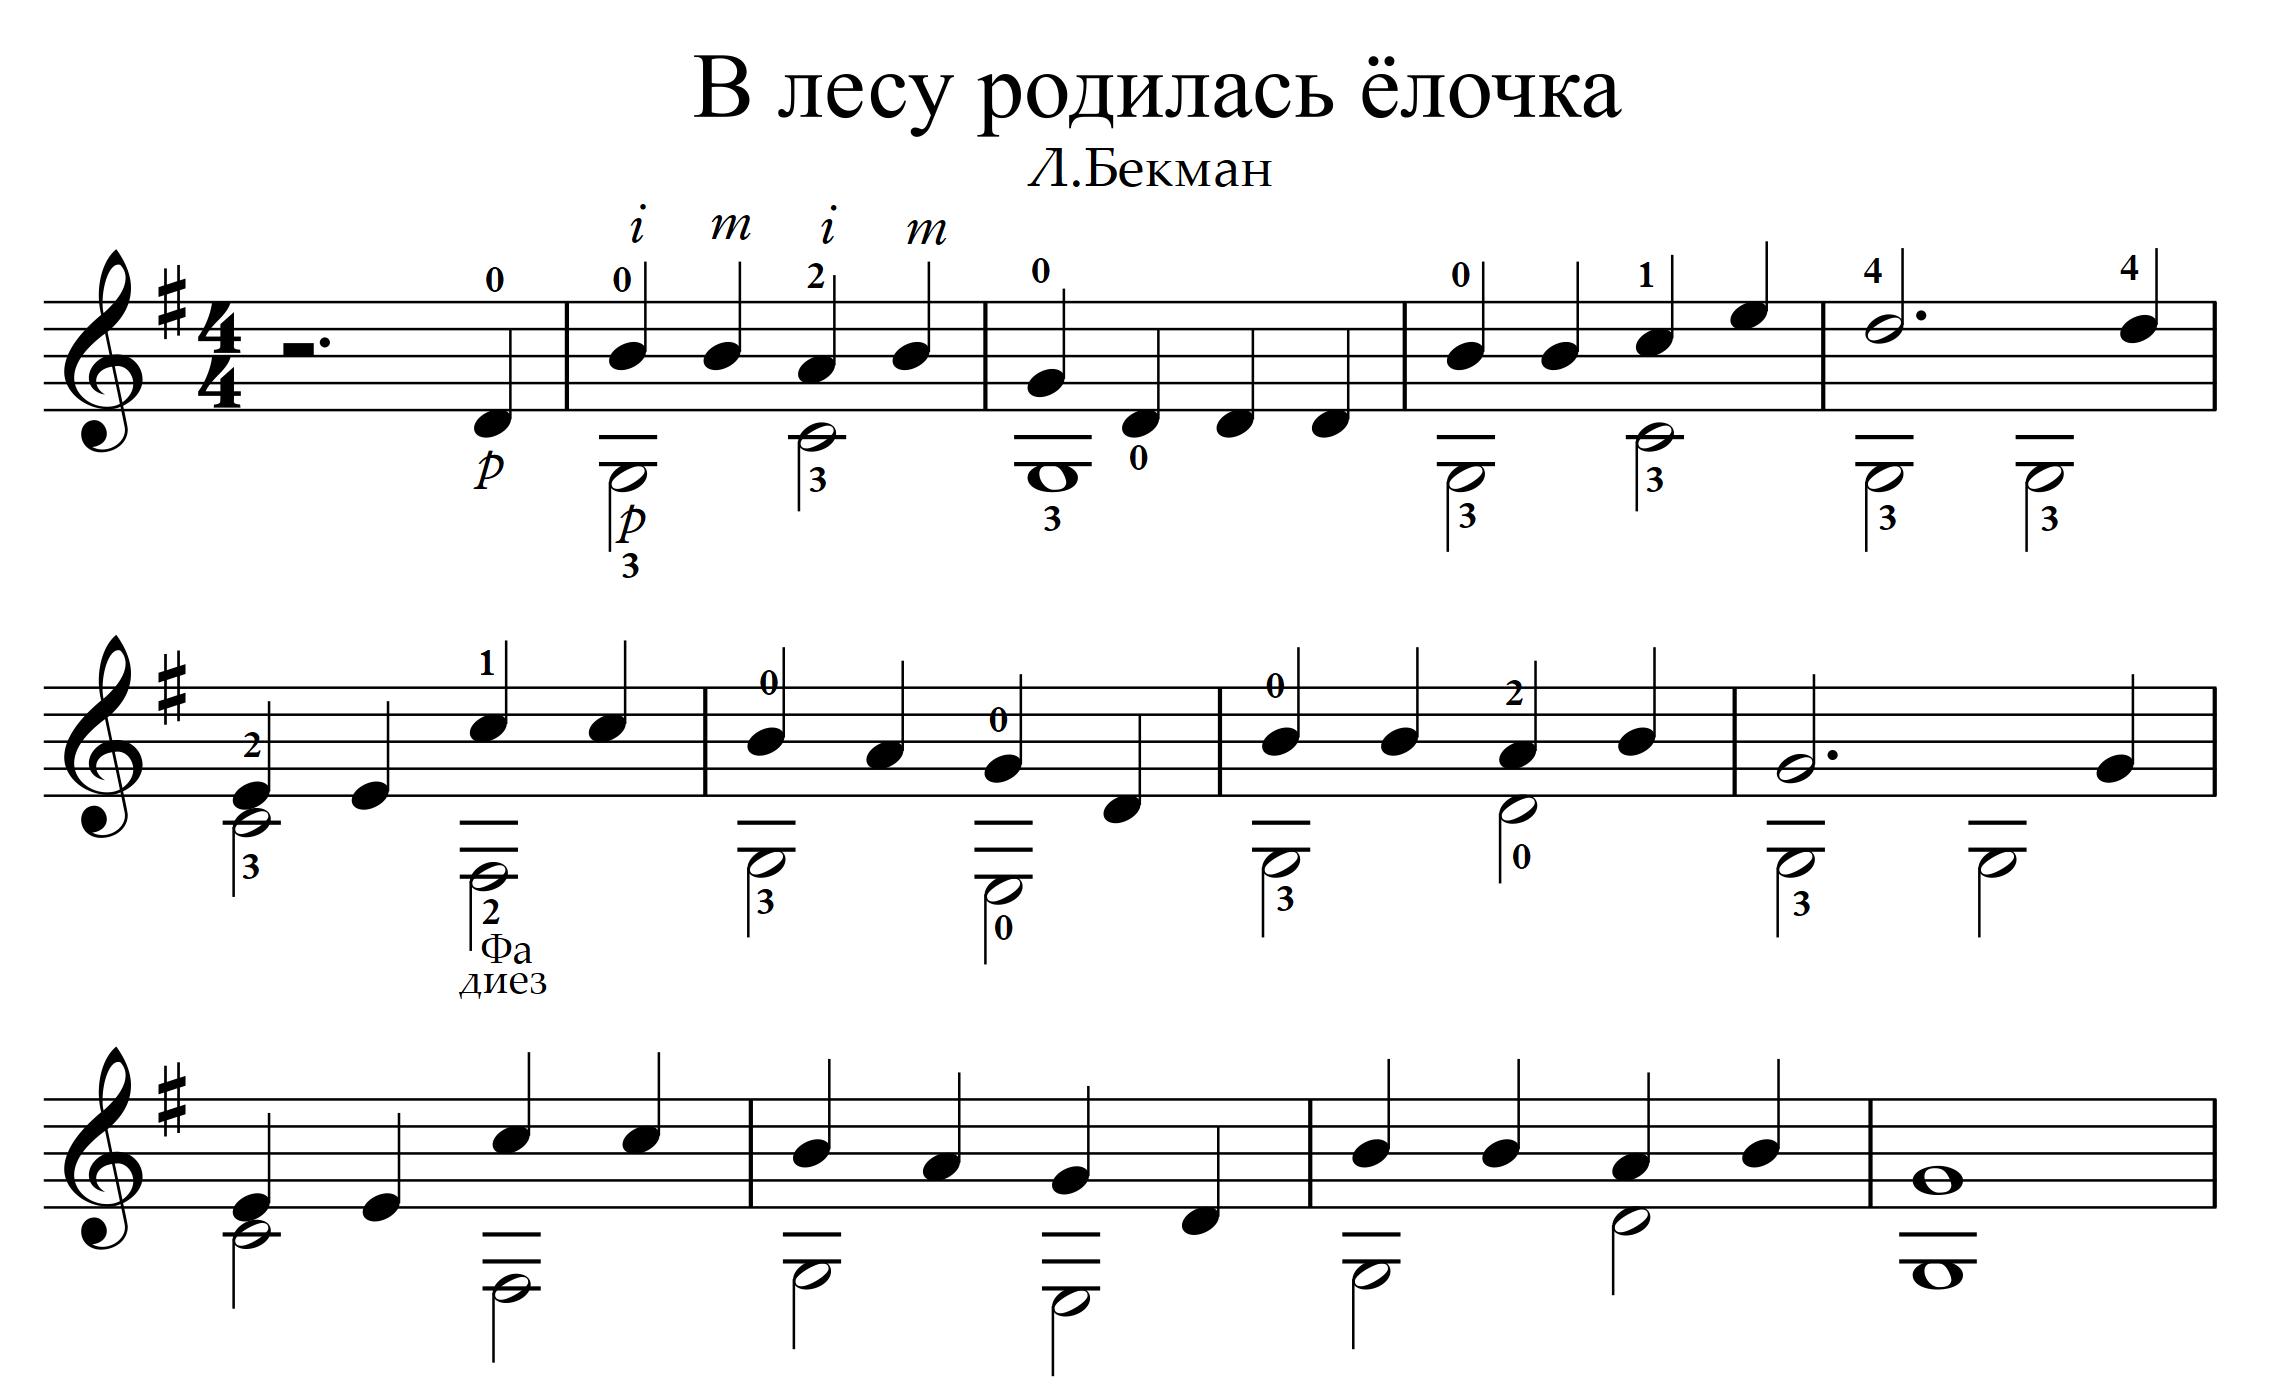 35 Elochka